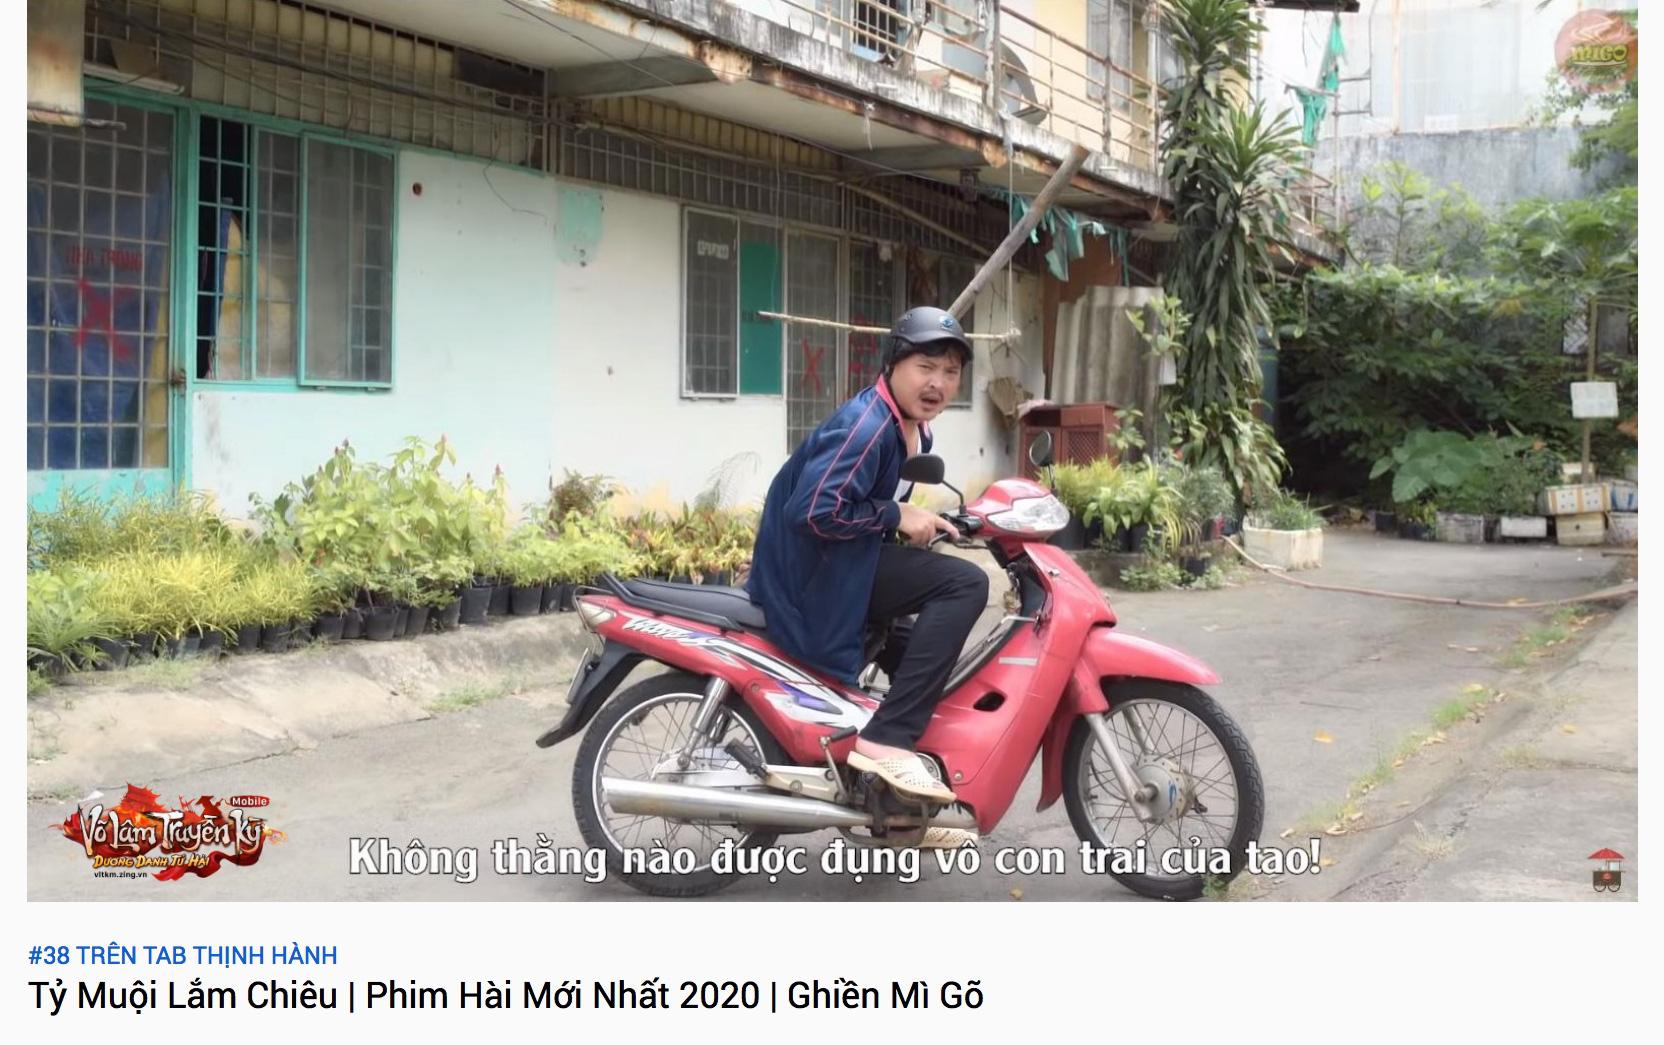 Võ Lâm Truyền Kỳ Mobile bắt tay Ghiền Mì Gõ tung ra sản phẩm triệu view 26b98dc10-8113-45f3-b0ce-8567f56d1013-1584768352290870483642